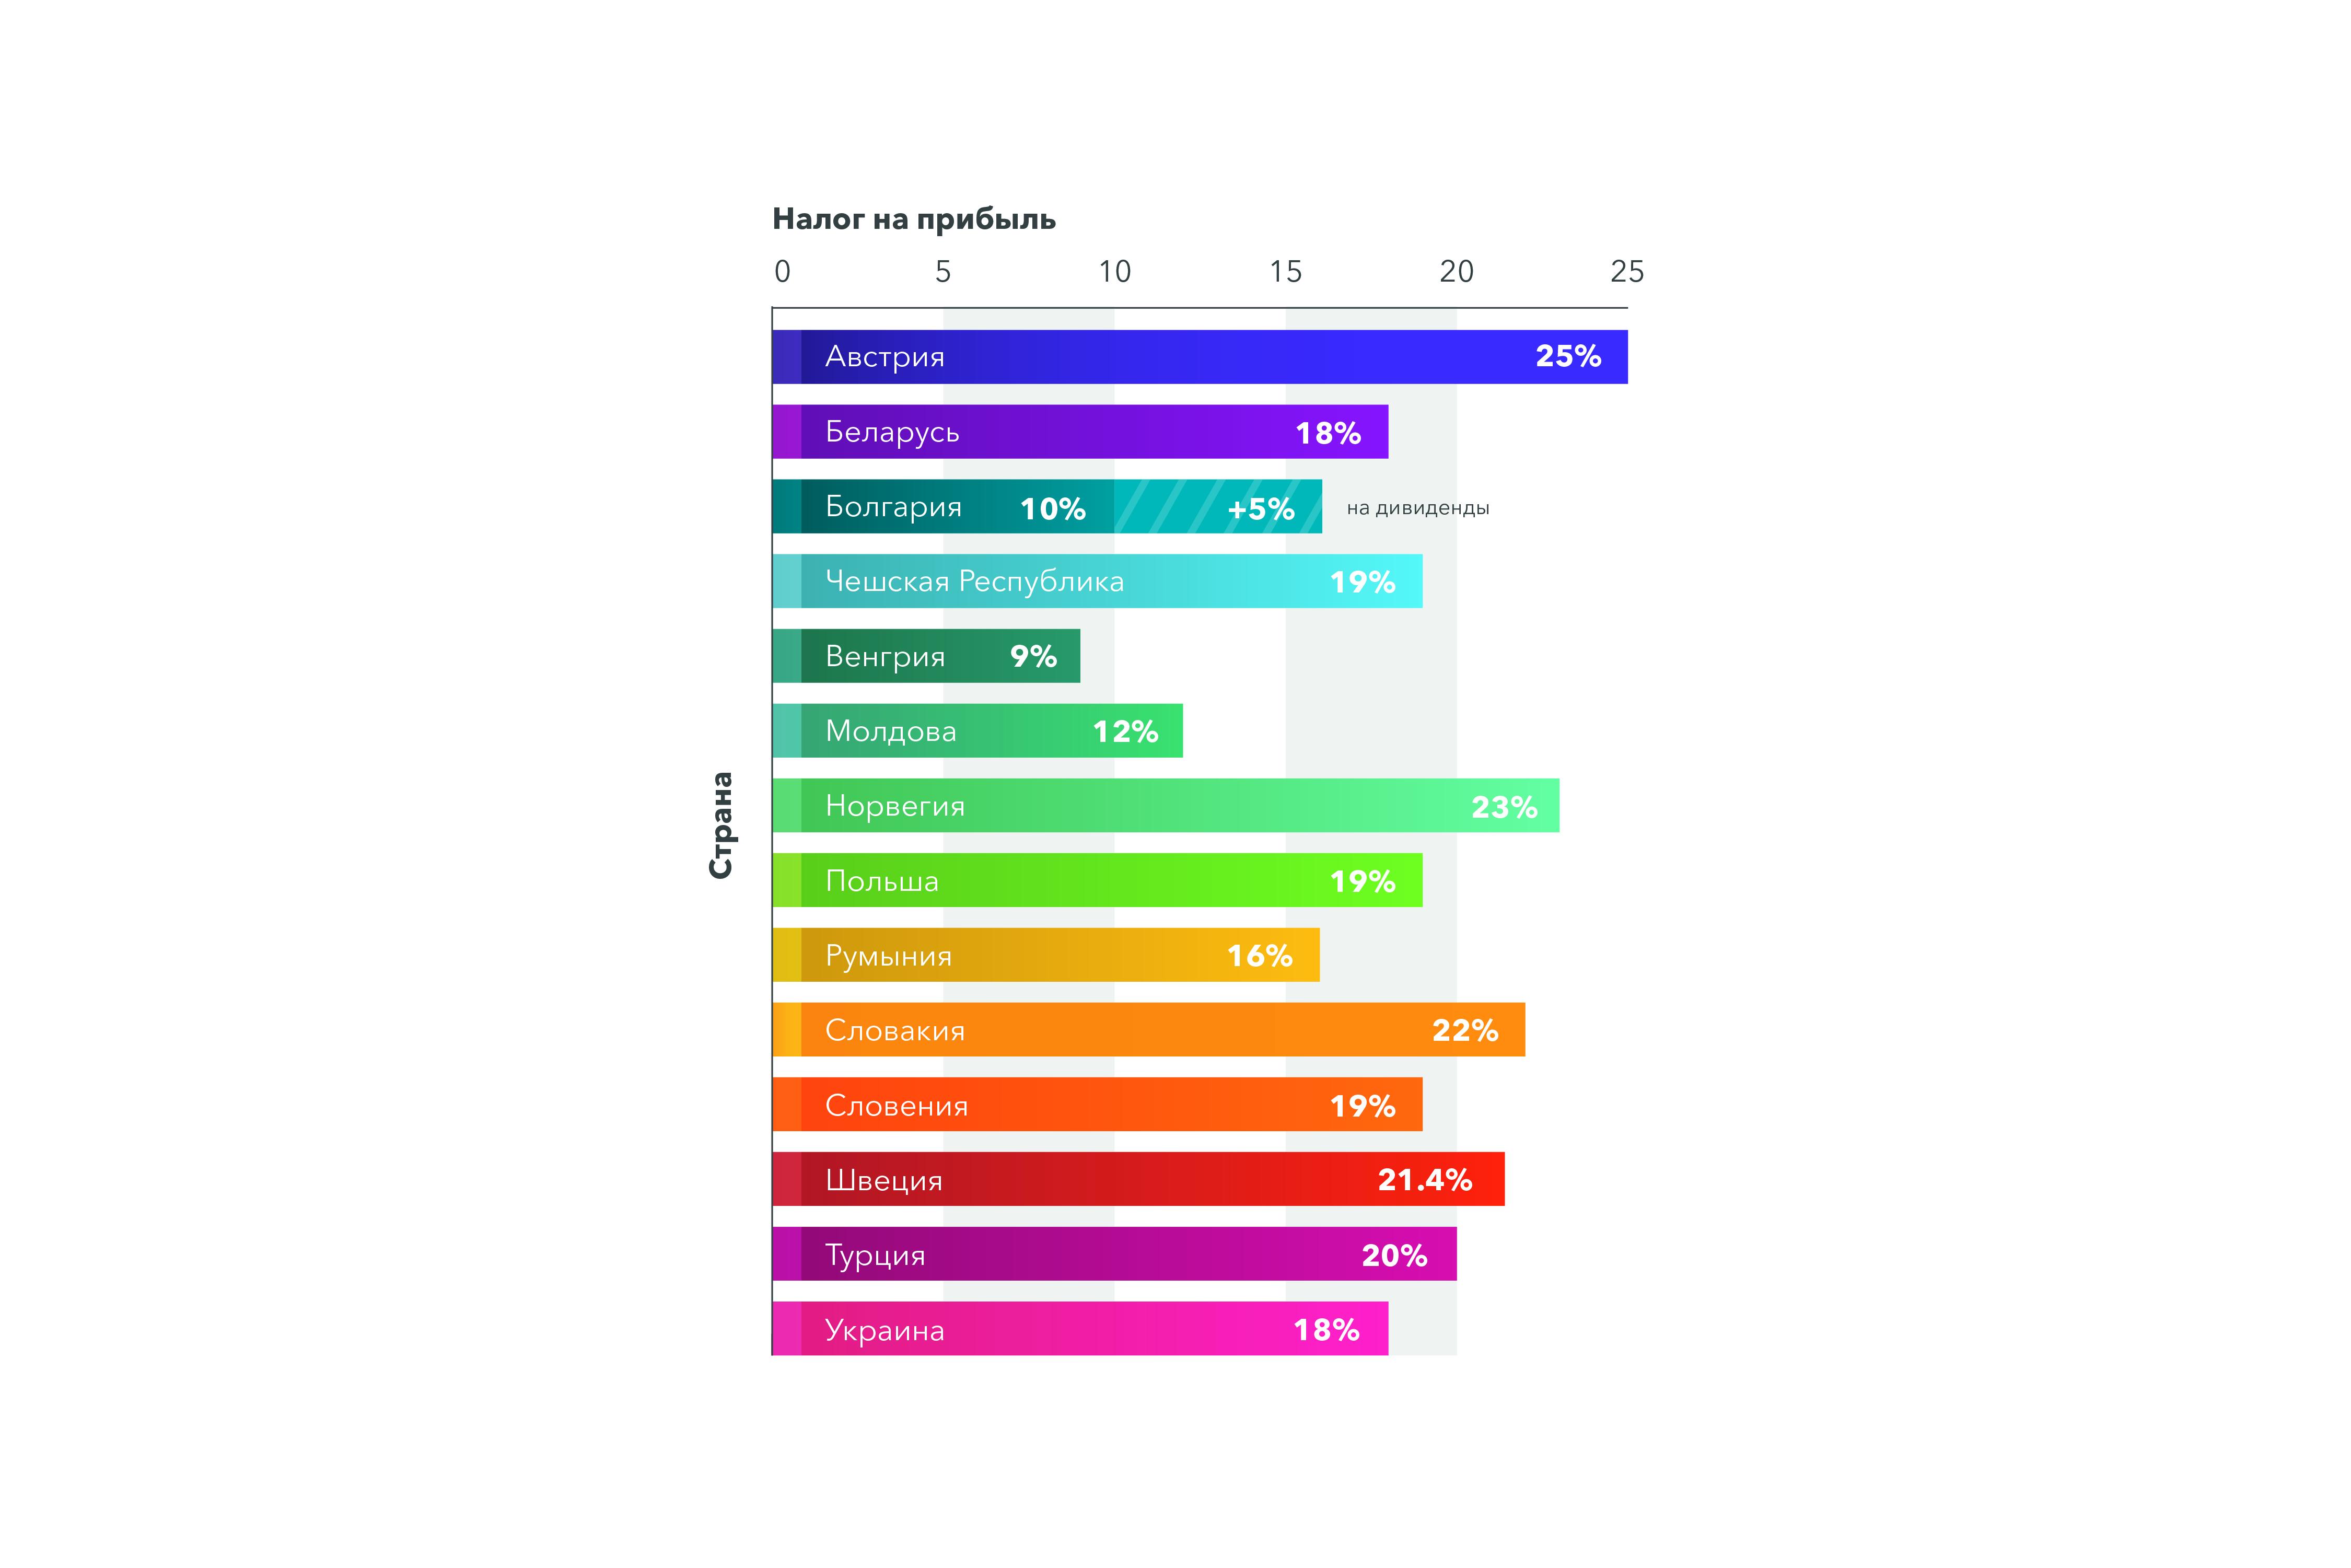 Налог на прибыль в Украине по сравнению с другими странами - DLF attorneys-at-law - Инфографика